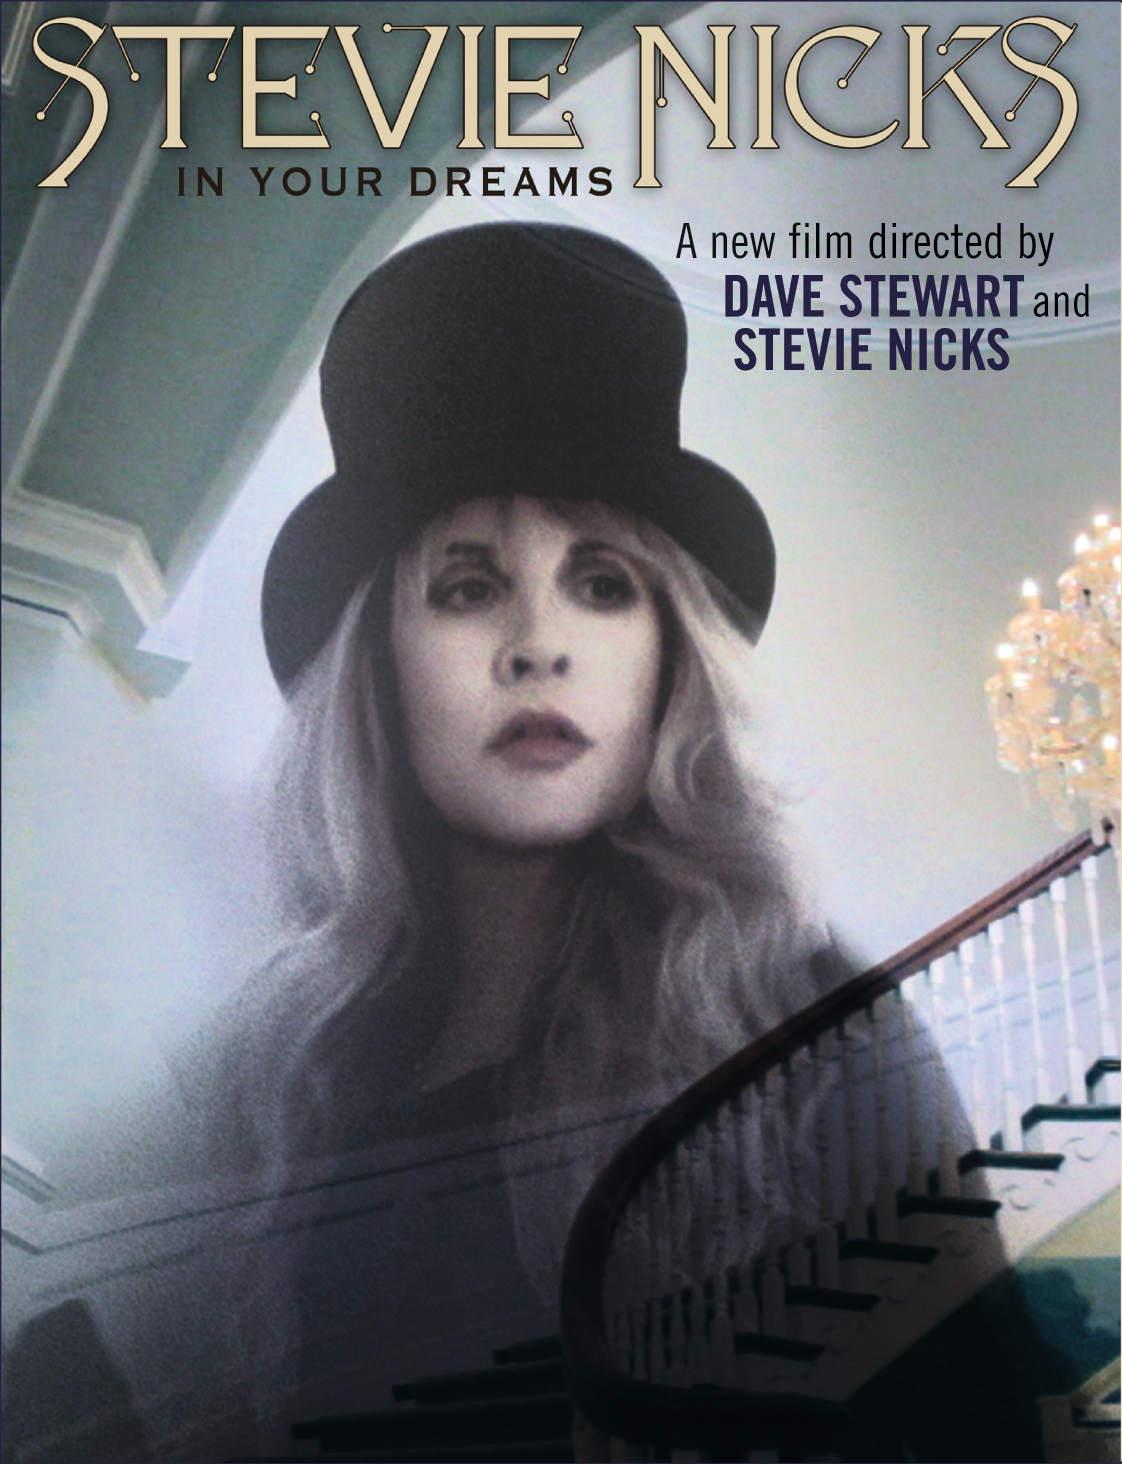 stevie-nicks-dave-stewart-in-your-dreams.jpg